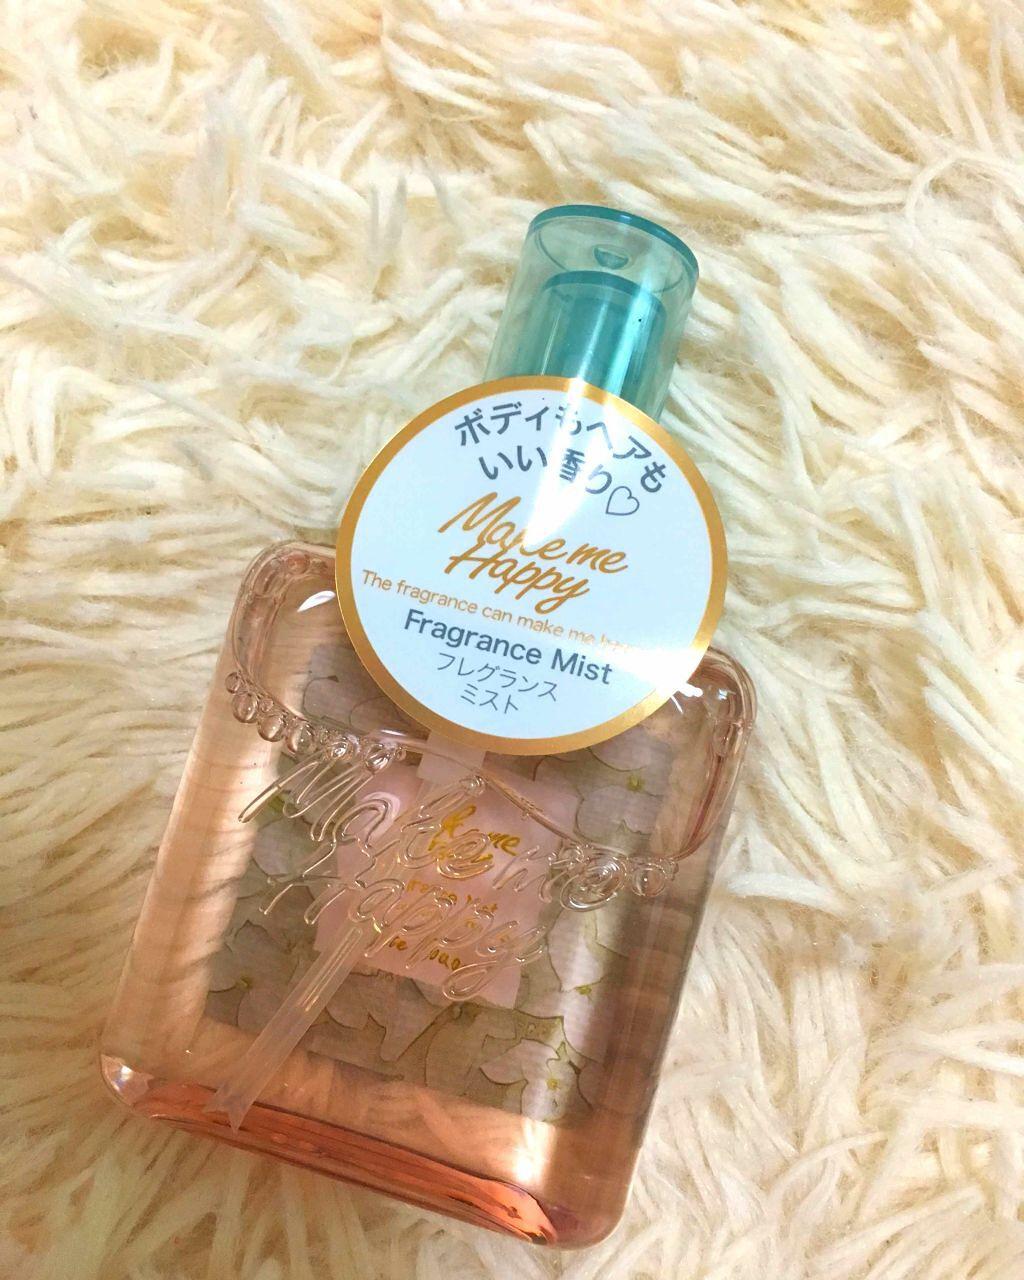 fae866e2b933 CANMAKE メイクミーハッピー フレグランスミスト(香水(レディース))を使ったクチコミ